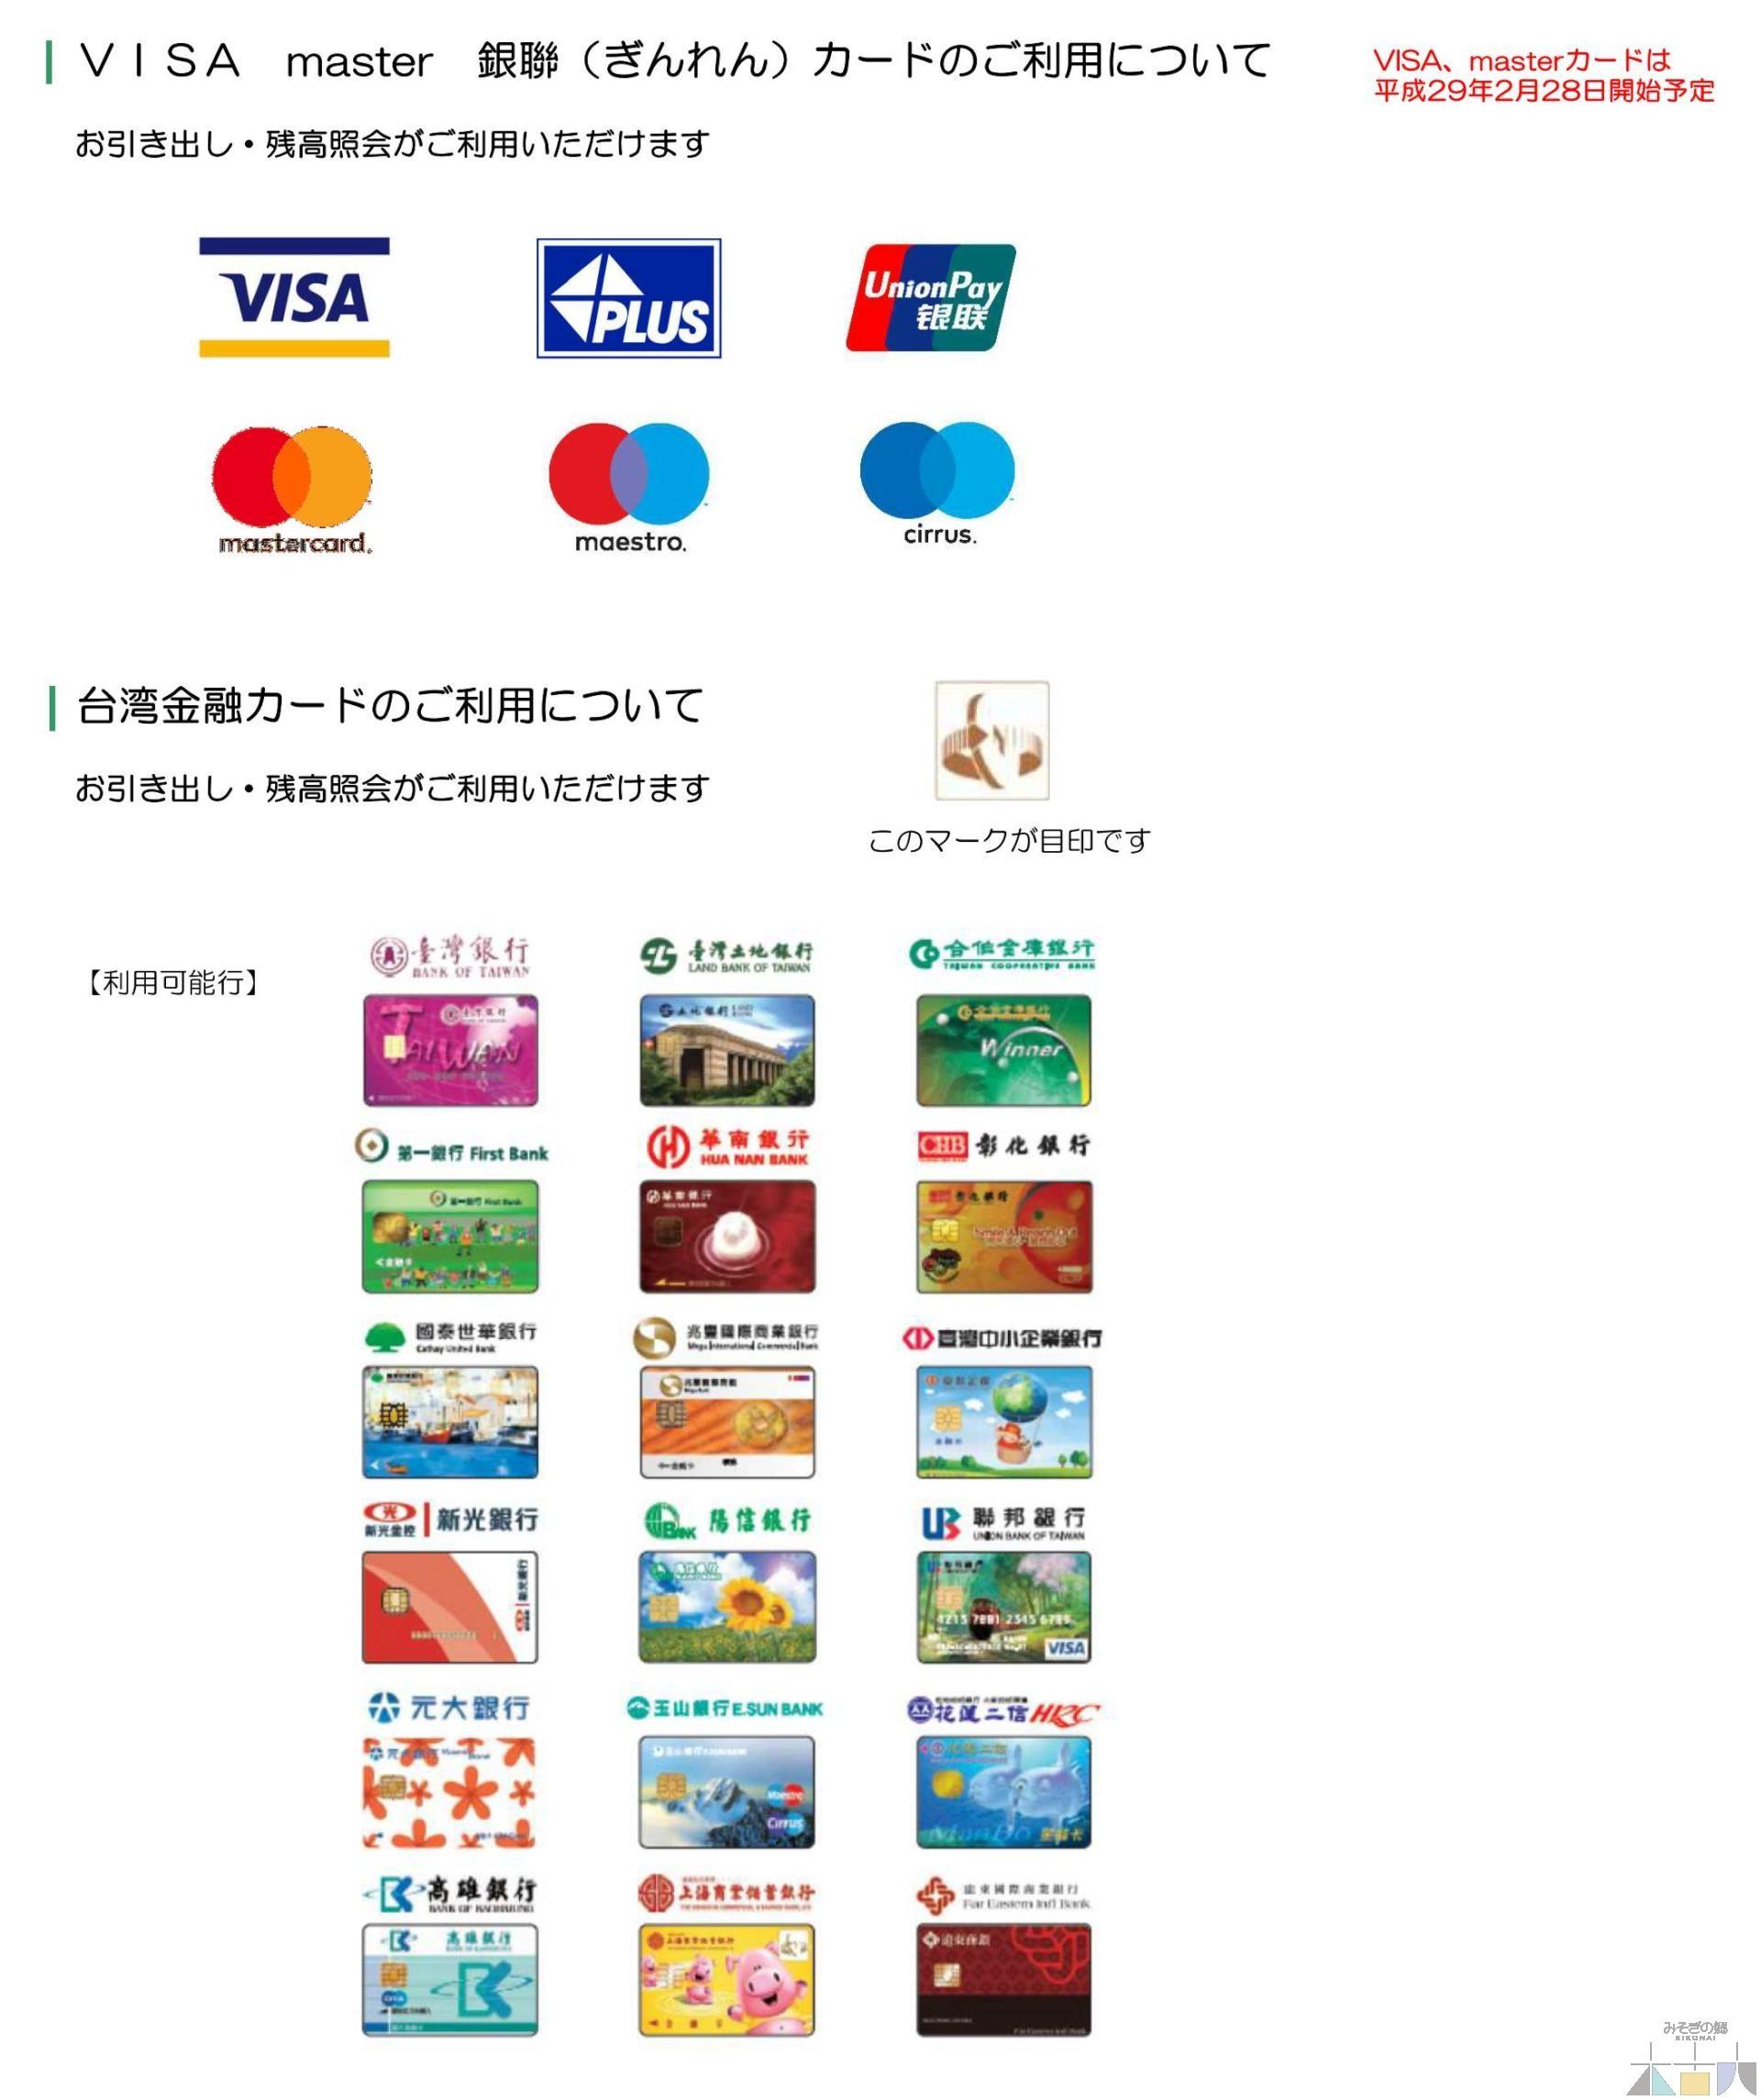 コード 金融 北海道 銀行 機関